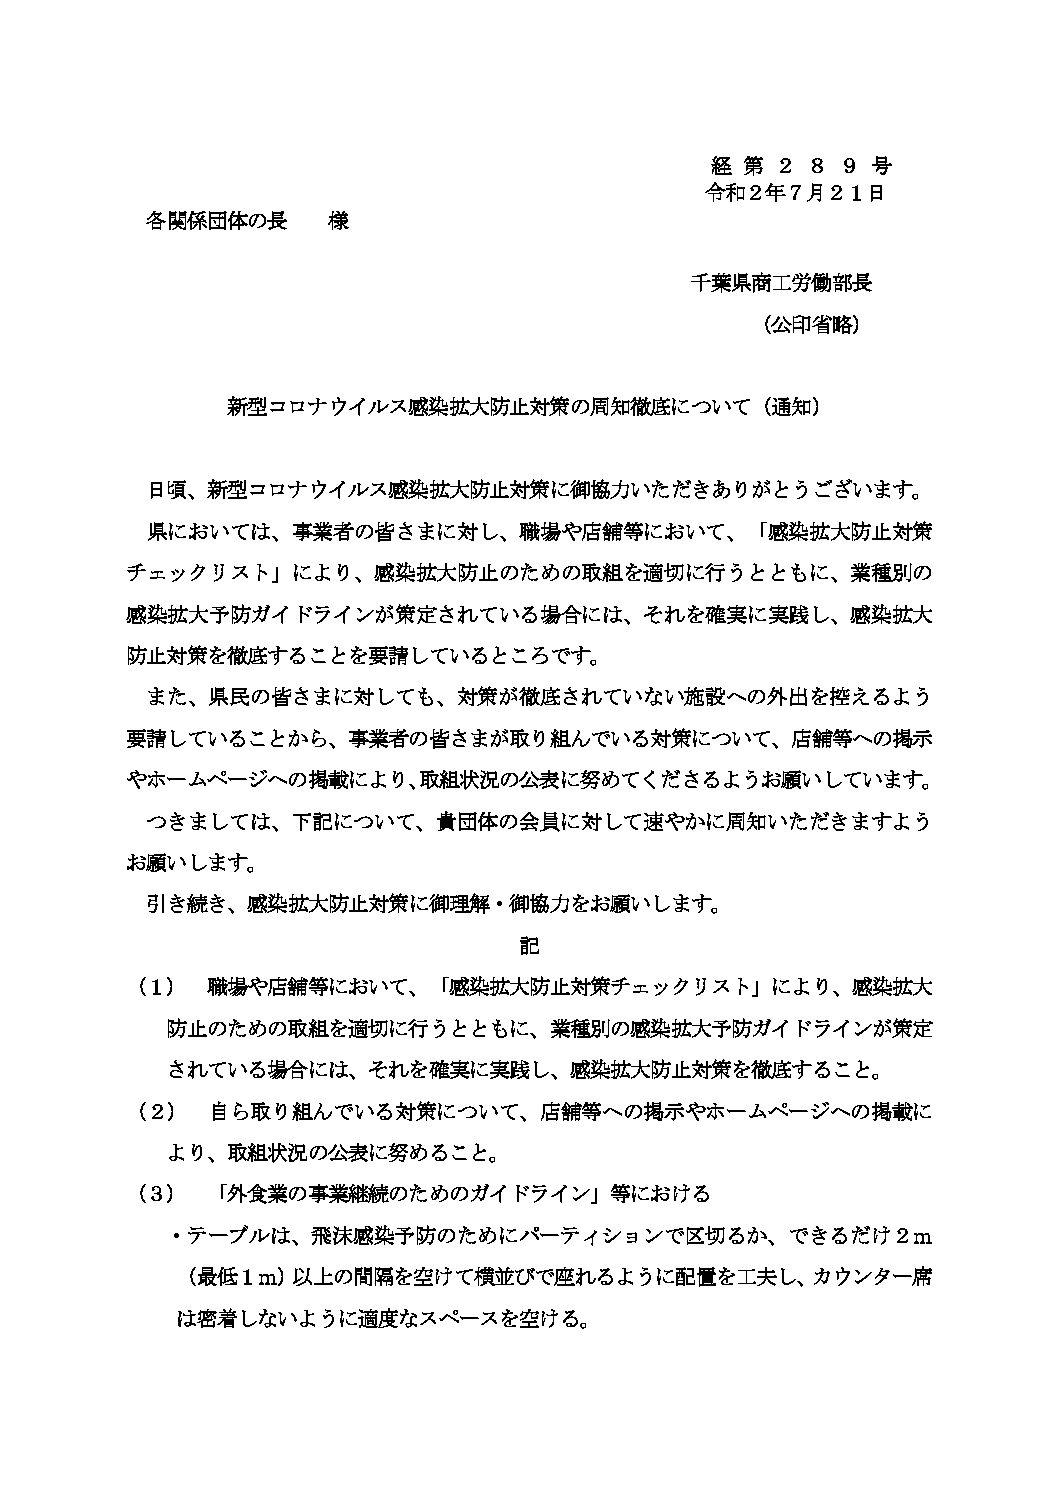 千葉県より 新型コロナウイルス感染拡大防止対策の周知徹底について